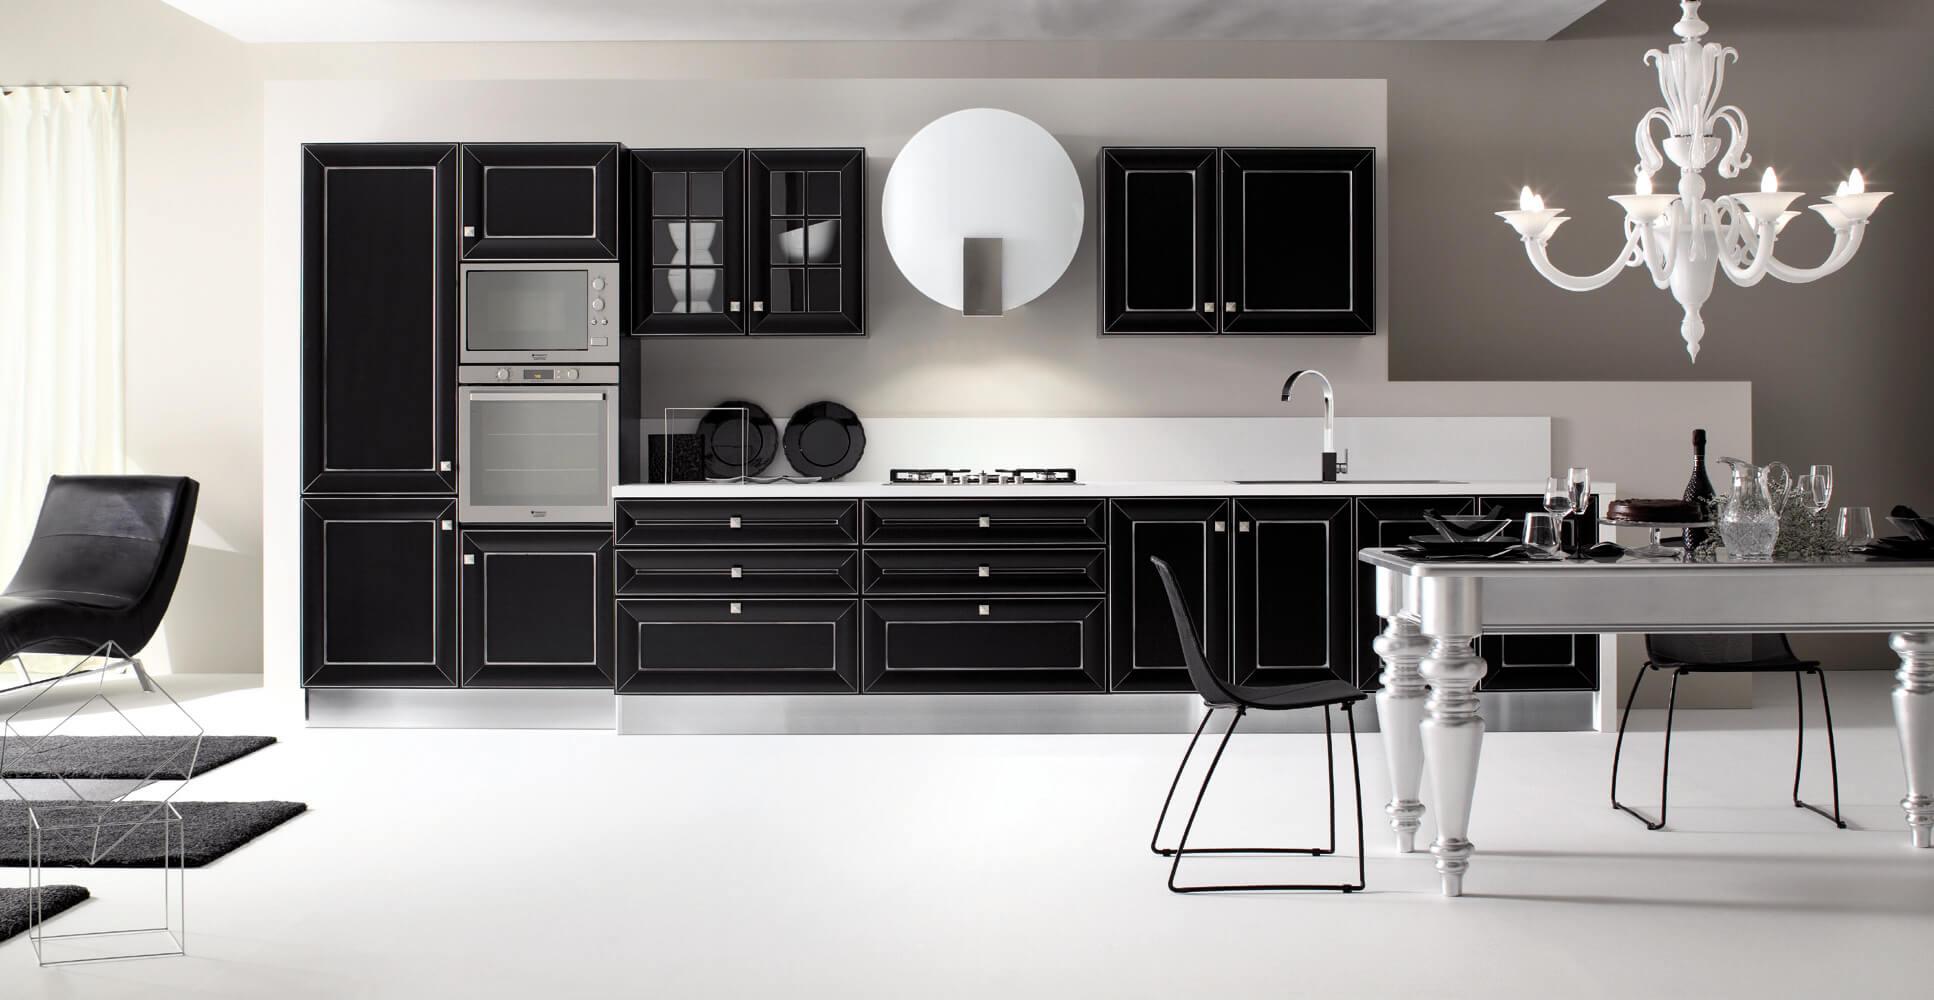 Cucine Componibili Lecco.Cucine Moderne Como E Lecco Casa Del Mobile